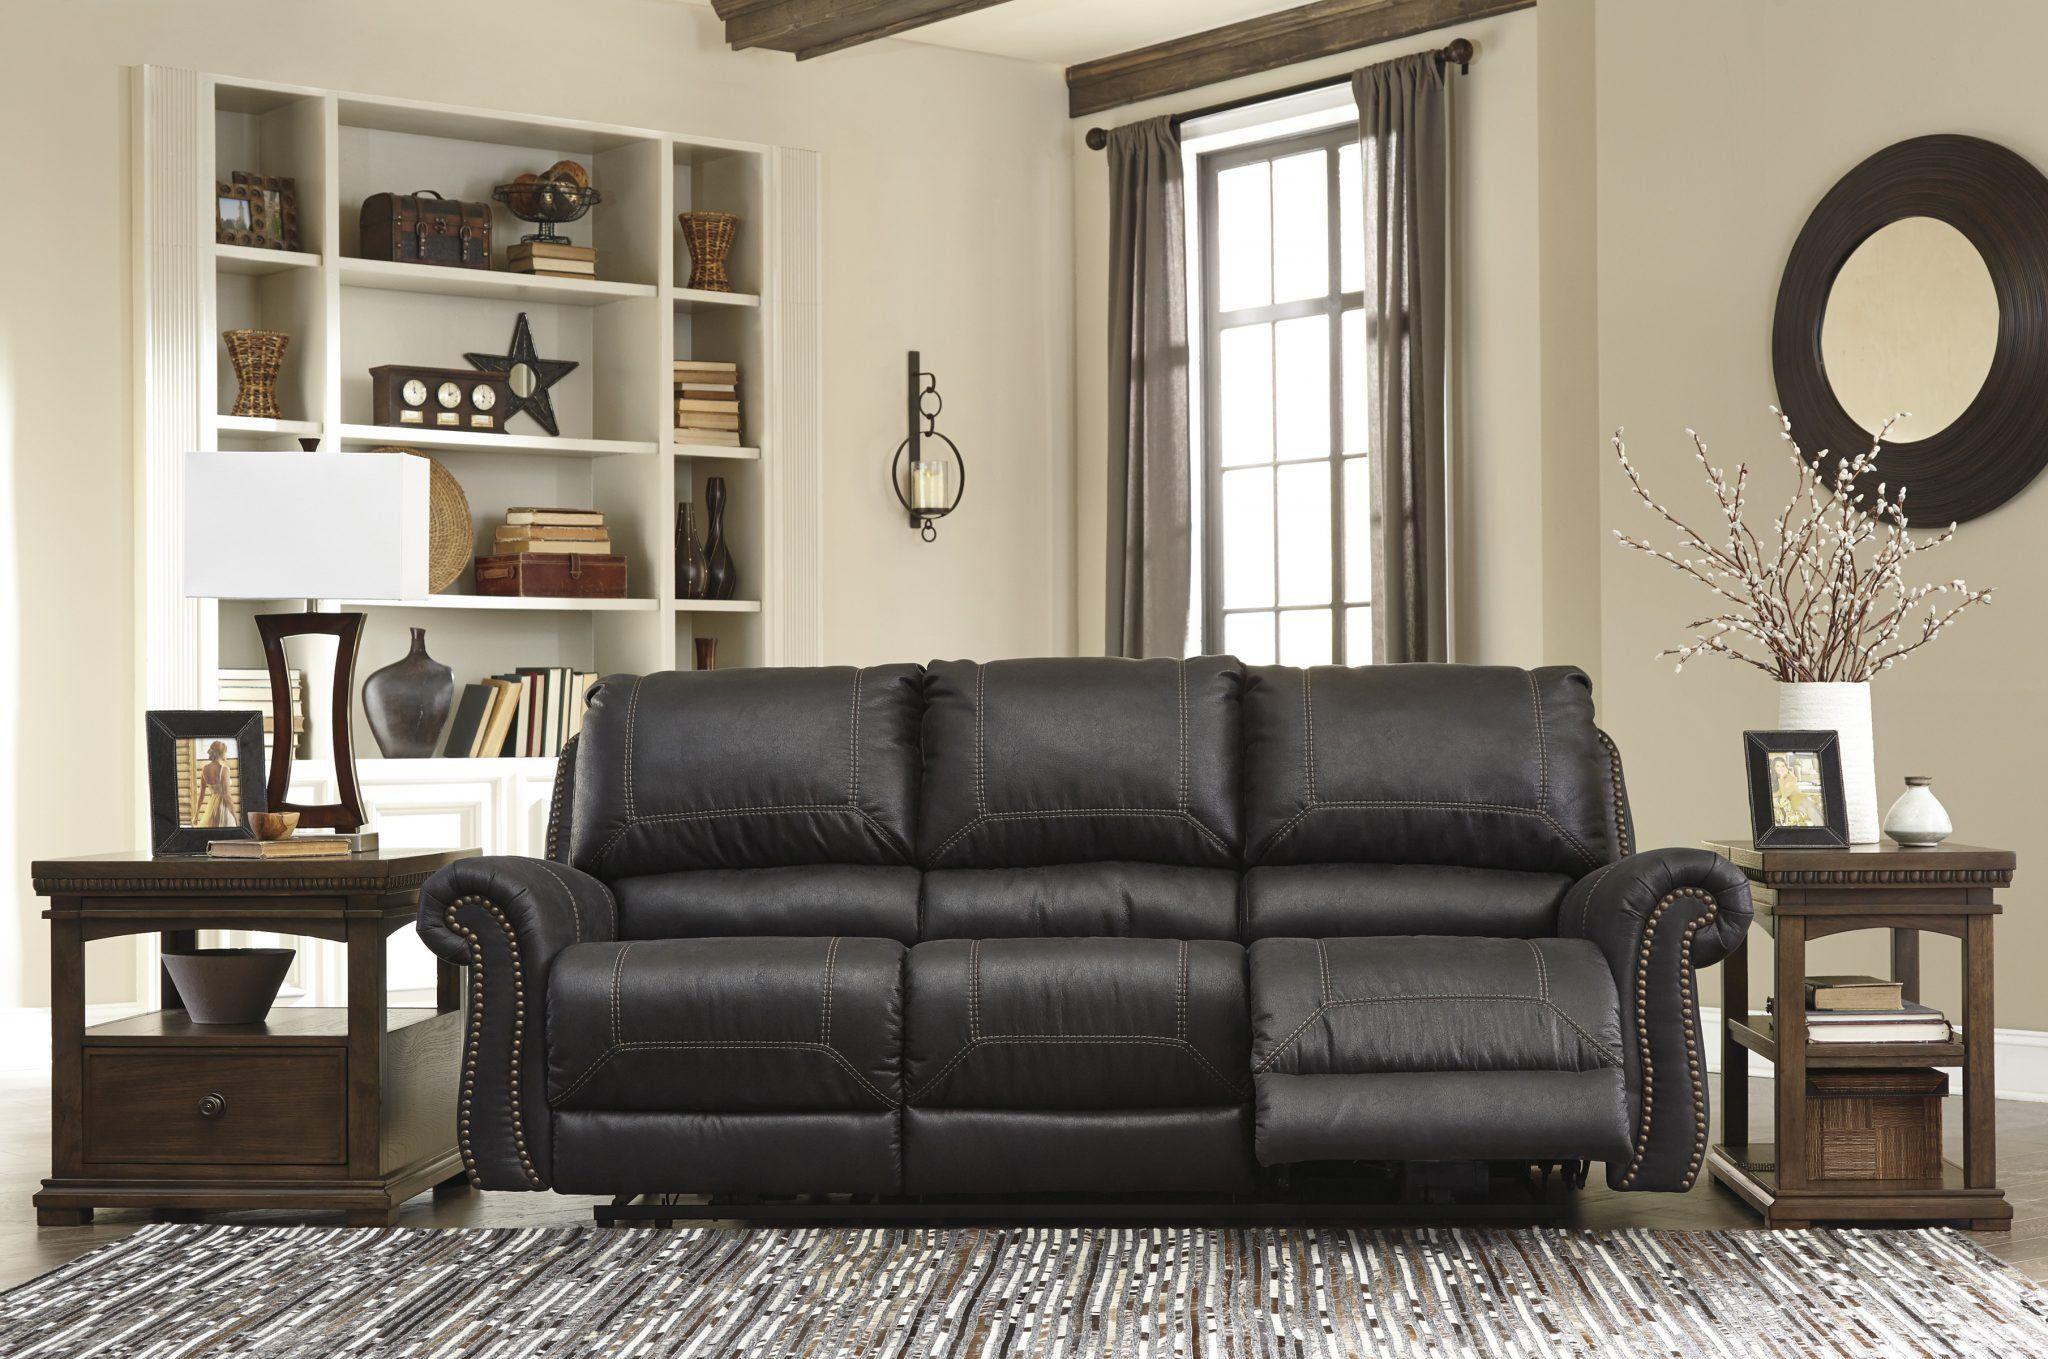 sofa italienisches leder sofa kaufen ausklapp couch liege auf verkauf queen sleeper sofa sofa